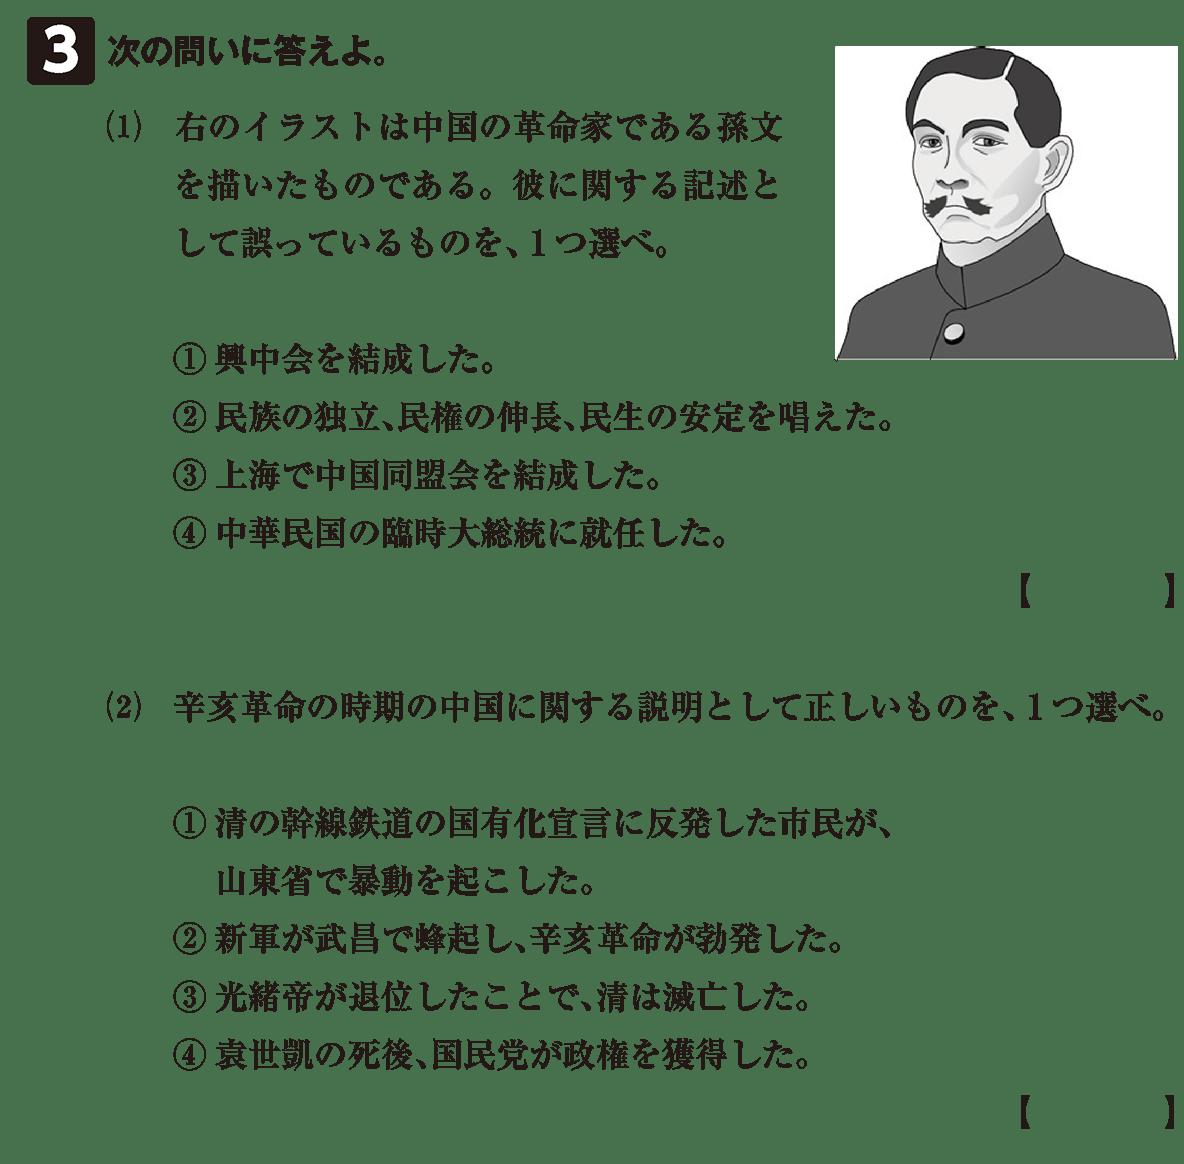 帝国主義と東アジア6 確認テスト(後半)問3